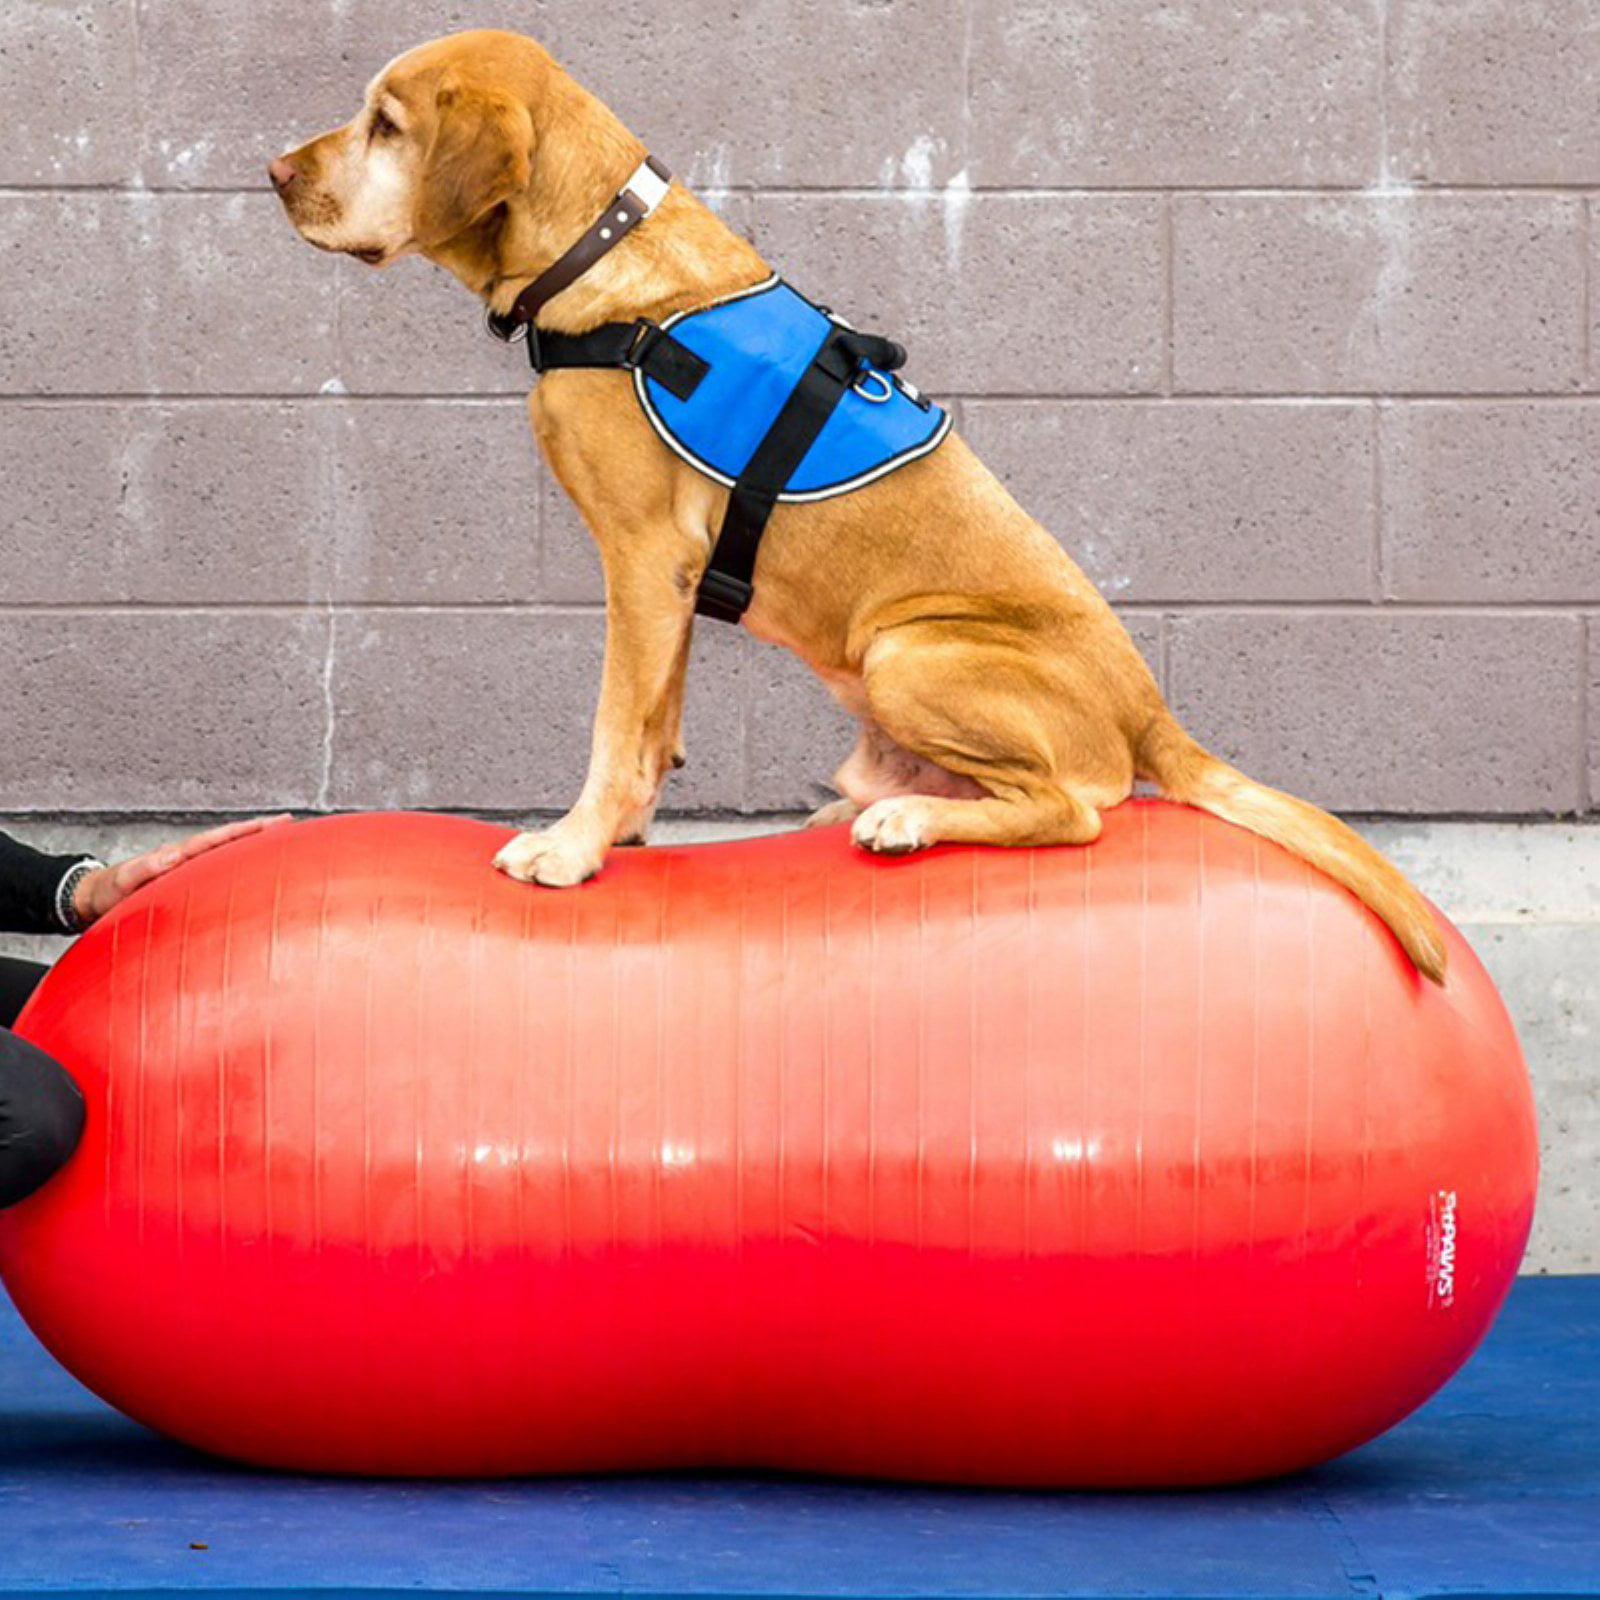 FitPAWS Canine Agility Peanut Ball